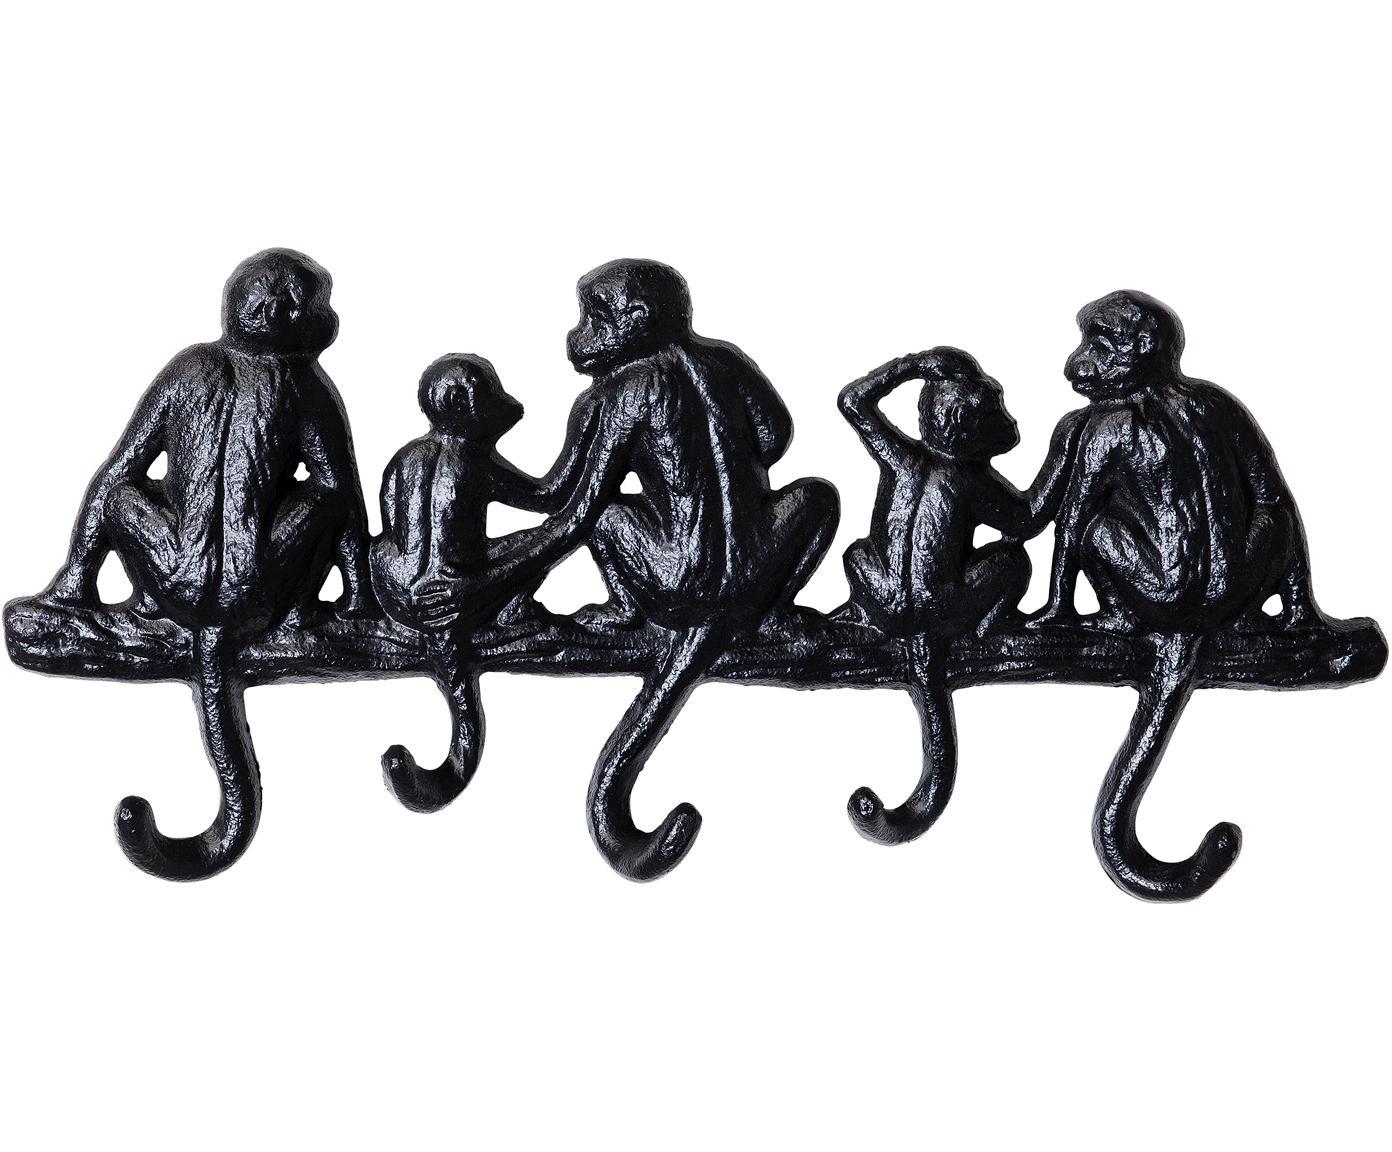 Ganci appendiabiti da parete nero  Monkey, Metallo verniciato a polvere, Nero, Larg. 31 x Alt. 14 cm